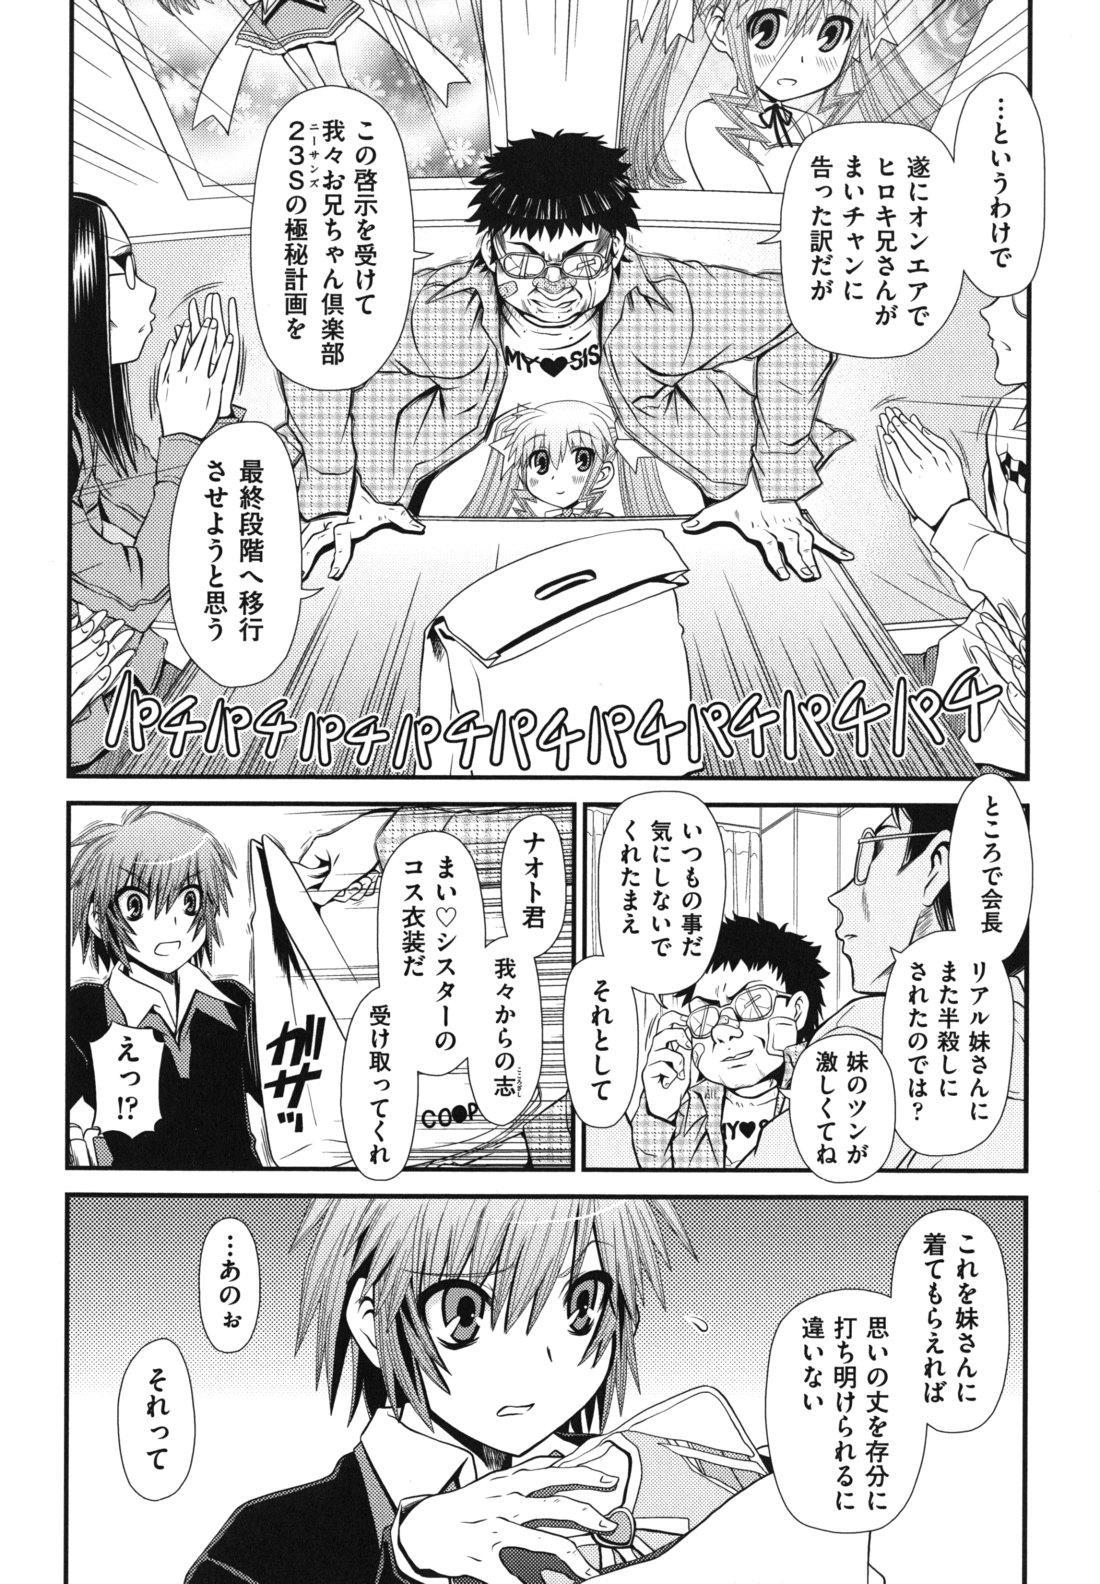 Twintail de Kneesocks no Onnanoko tachi ga Kyakkya de Ufufu♥ 32